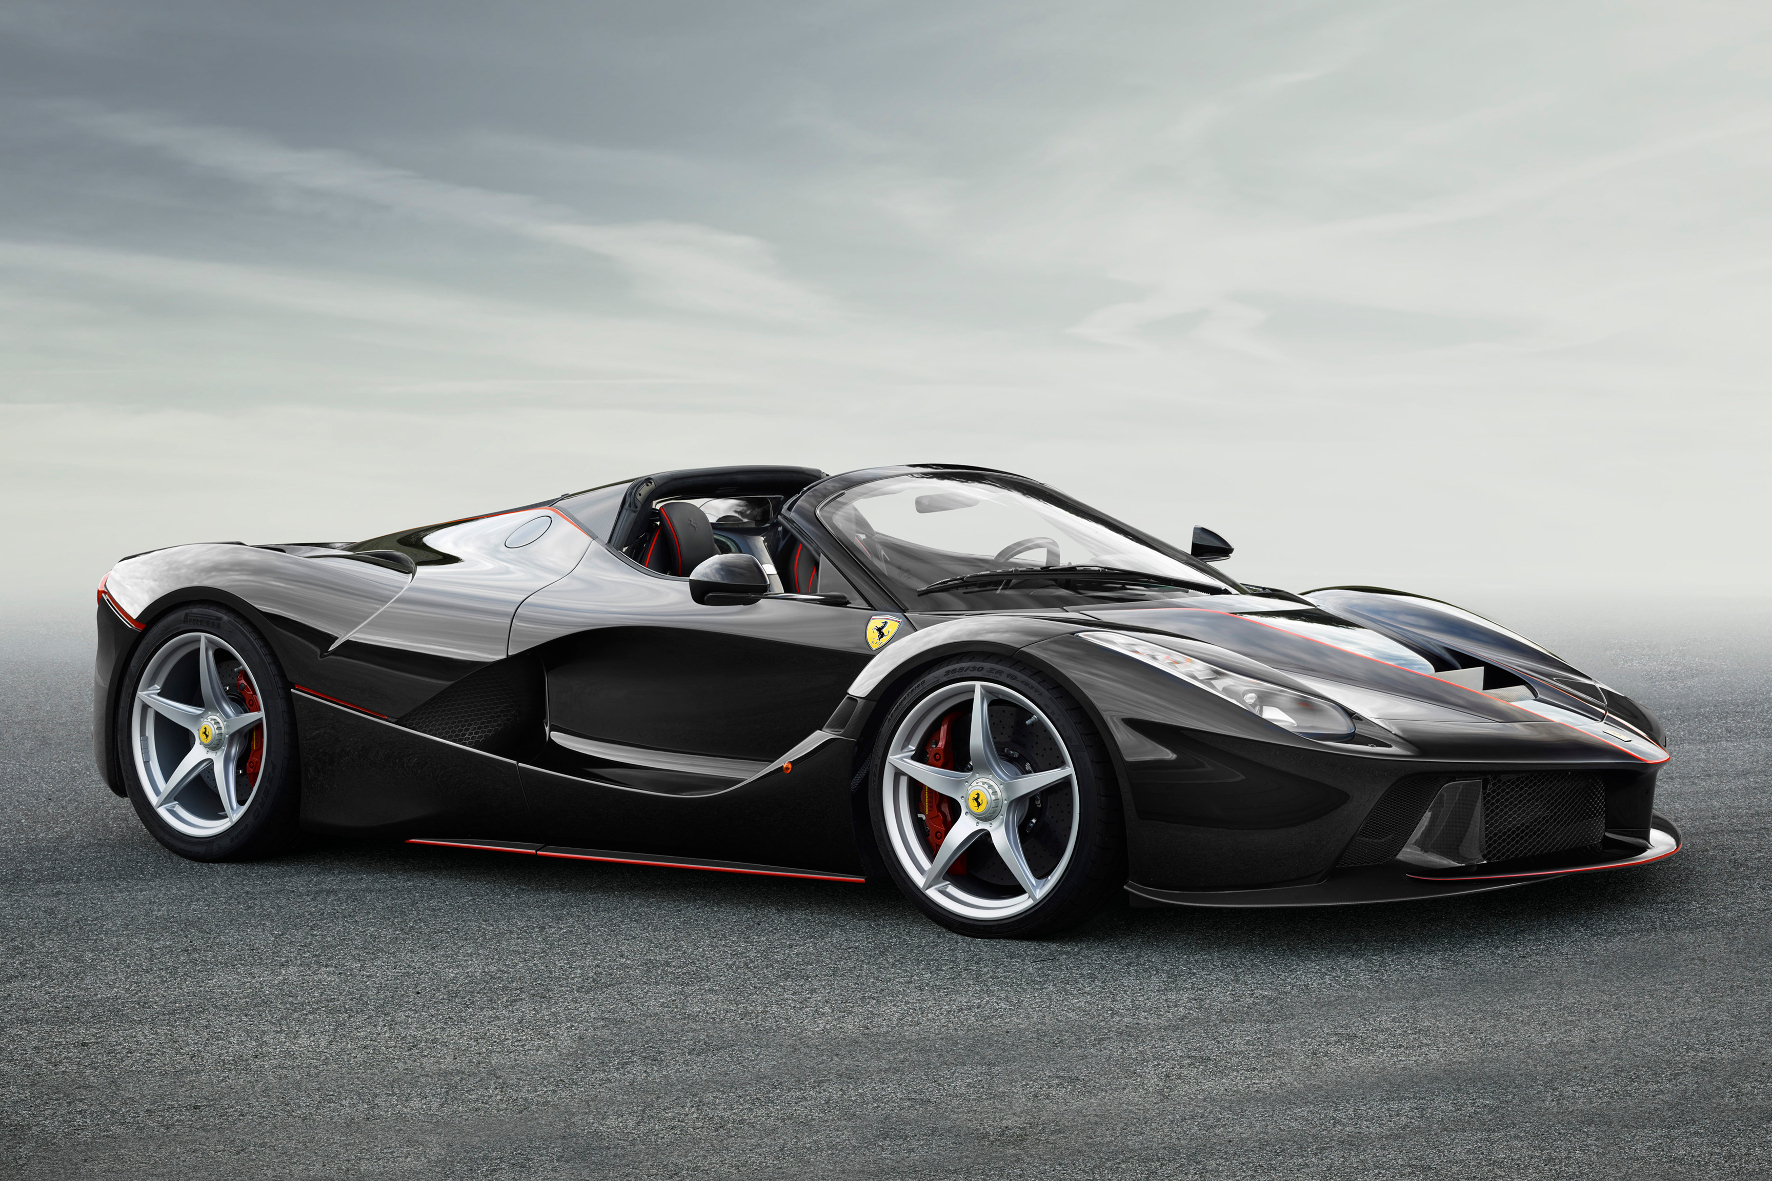 Paris - Maximaler Cabriospaß: Ferrari bringt den geöffneten LaFerrari an die Seine.